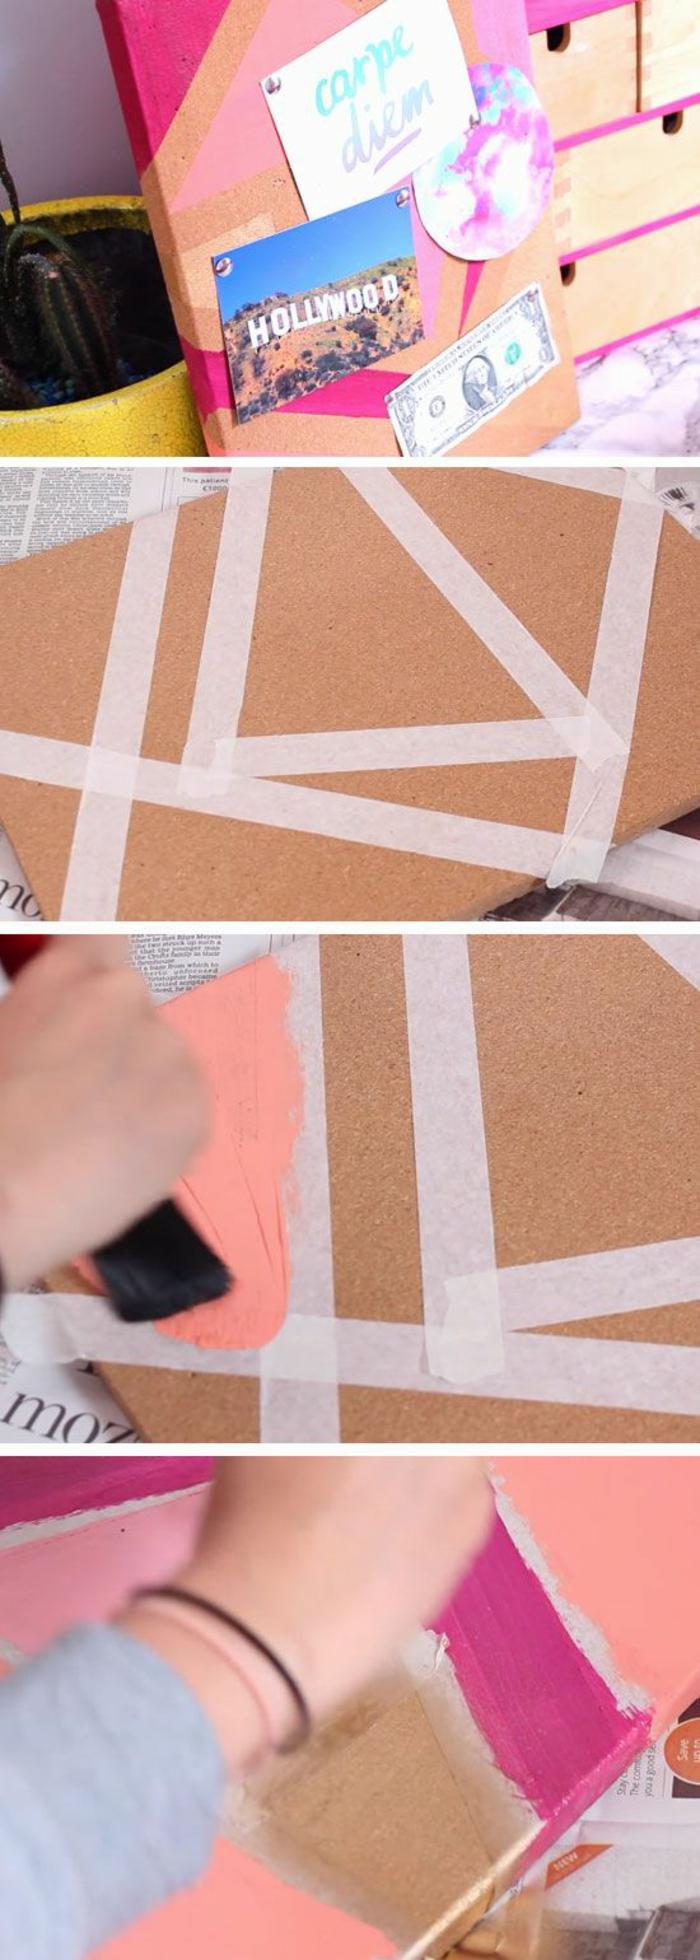 pinnwand färben, klebeband, farbpinsel, bilder, geld, zettel